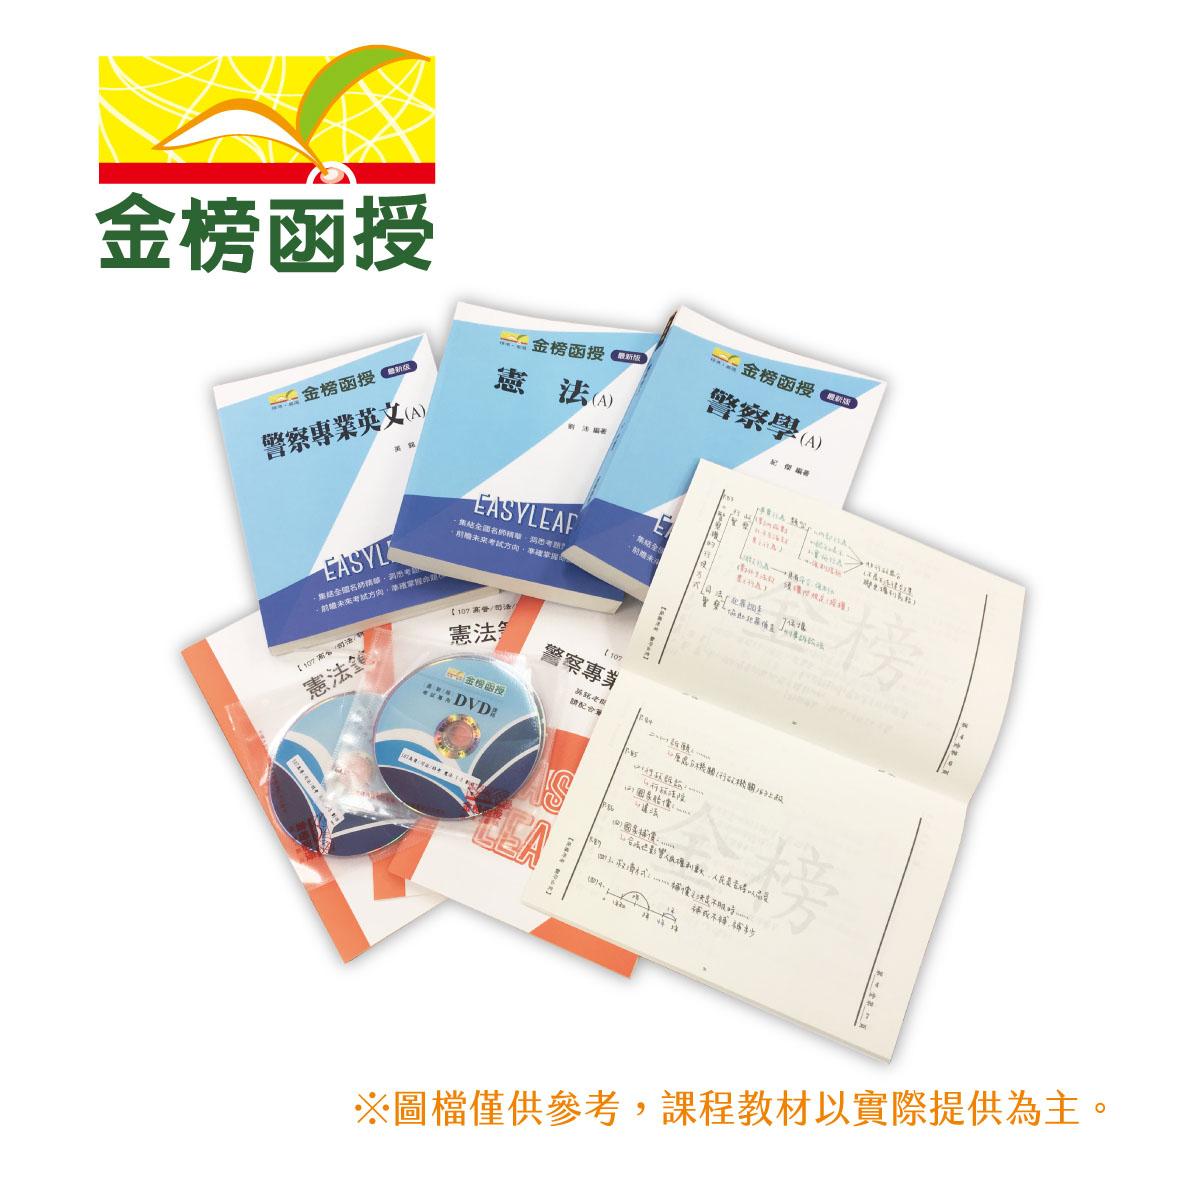 108金榜函授/高考三级/年度课程/全套/一般行政/云端